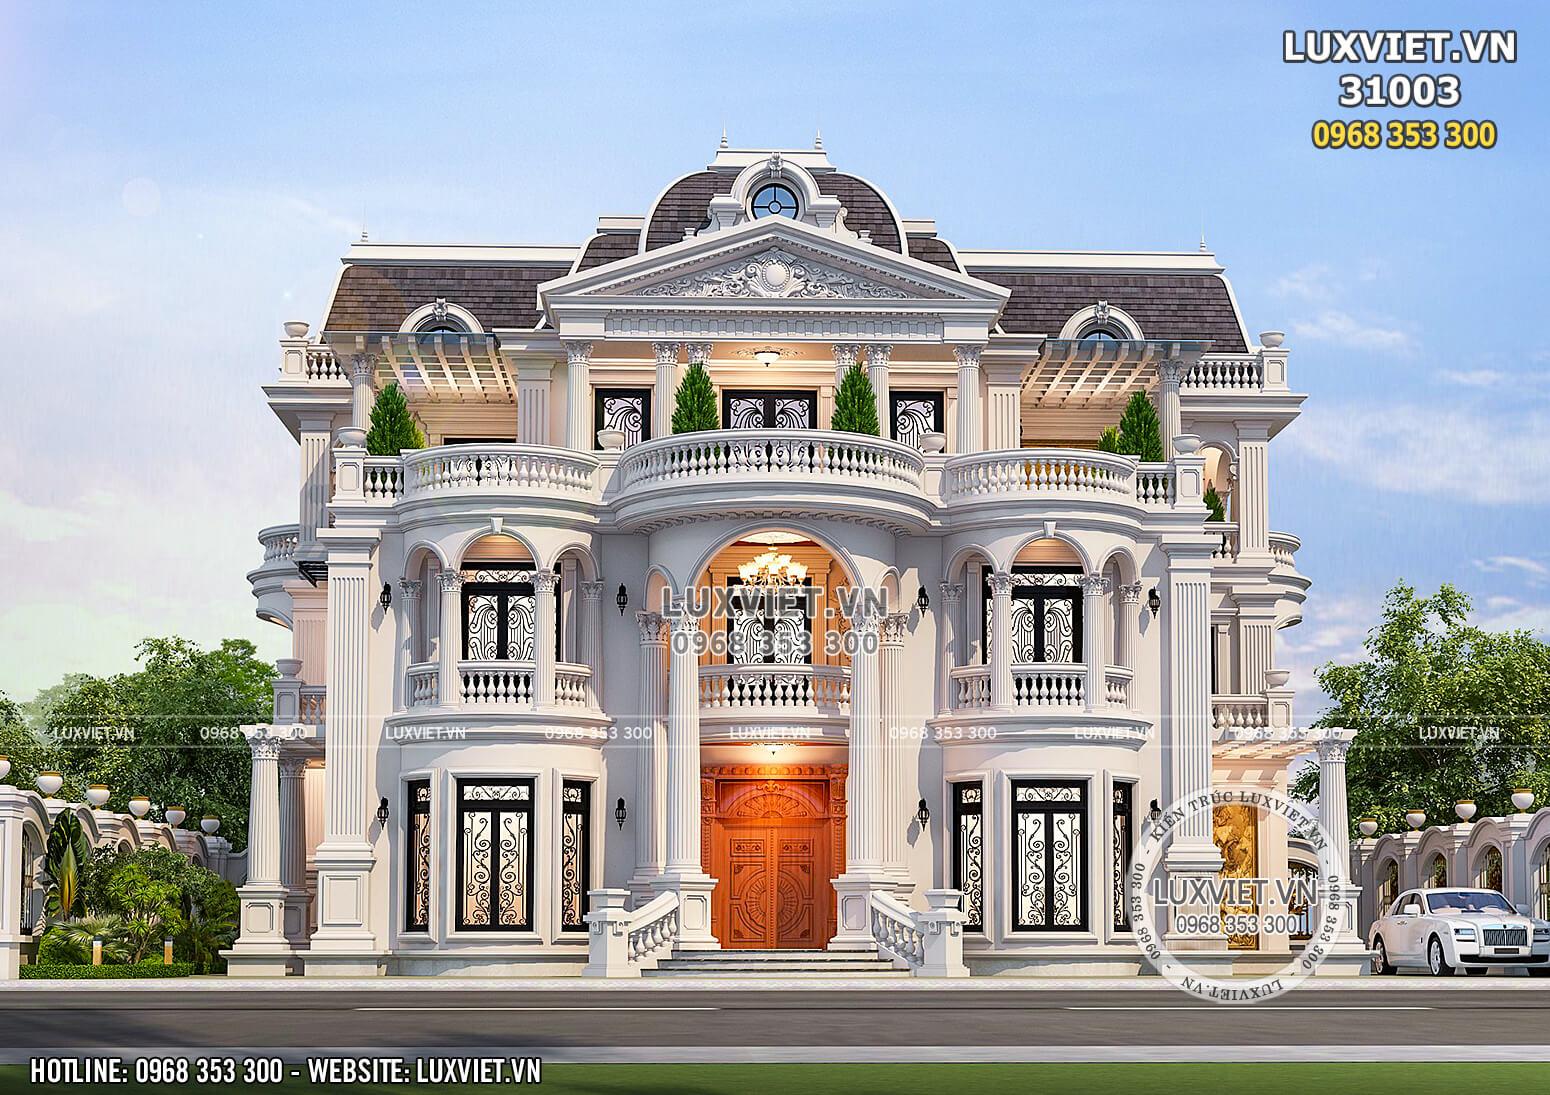 Hình ảnh: Không gian mặt tiền của mẫu dinh thự tân cổ điển đẹp 3 tầng tại Vĩnh Long - LV 31003